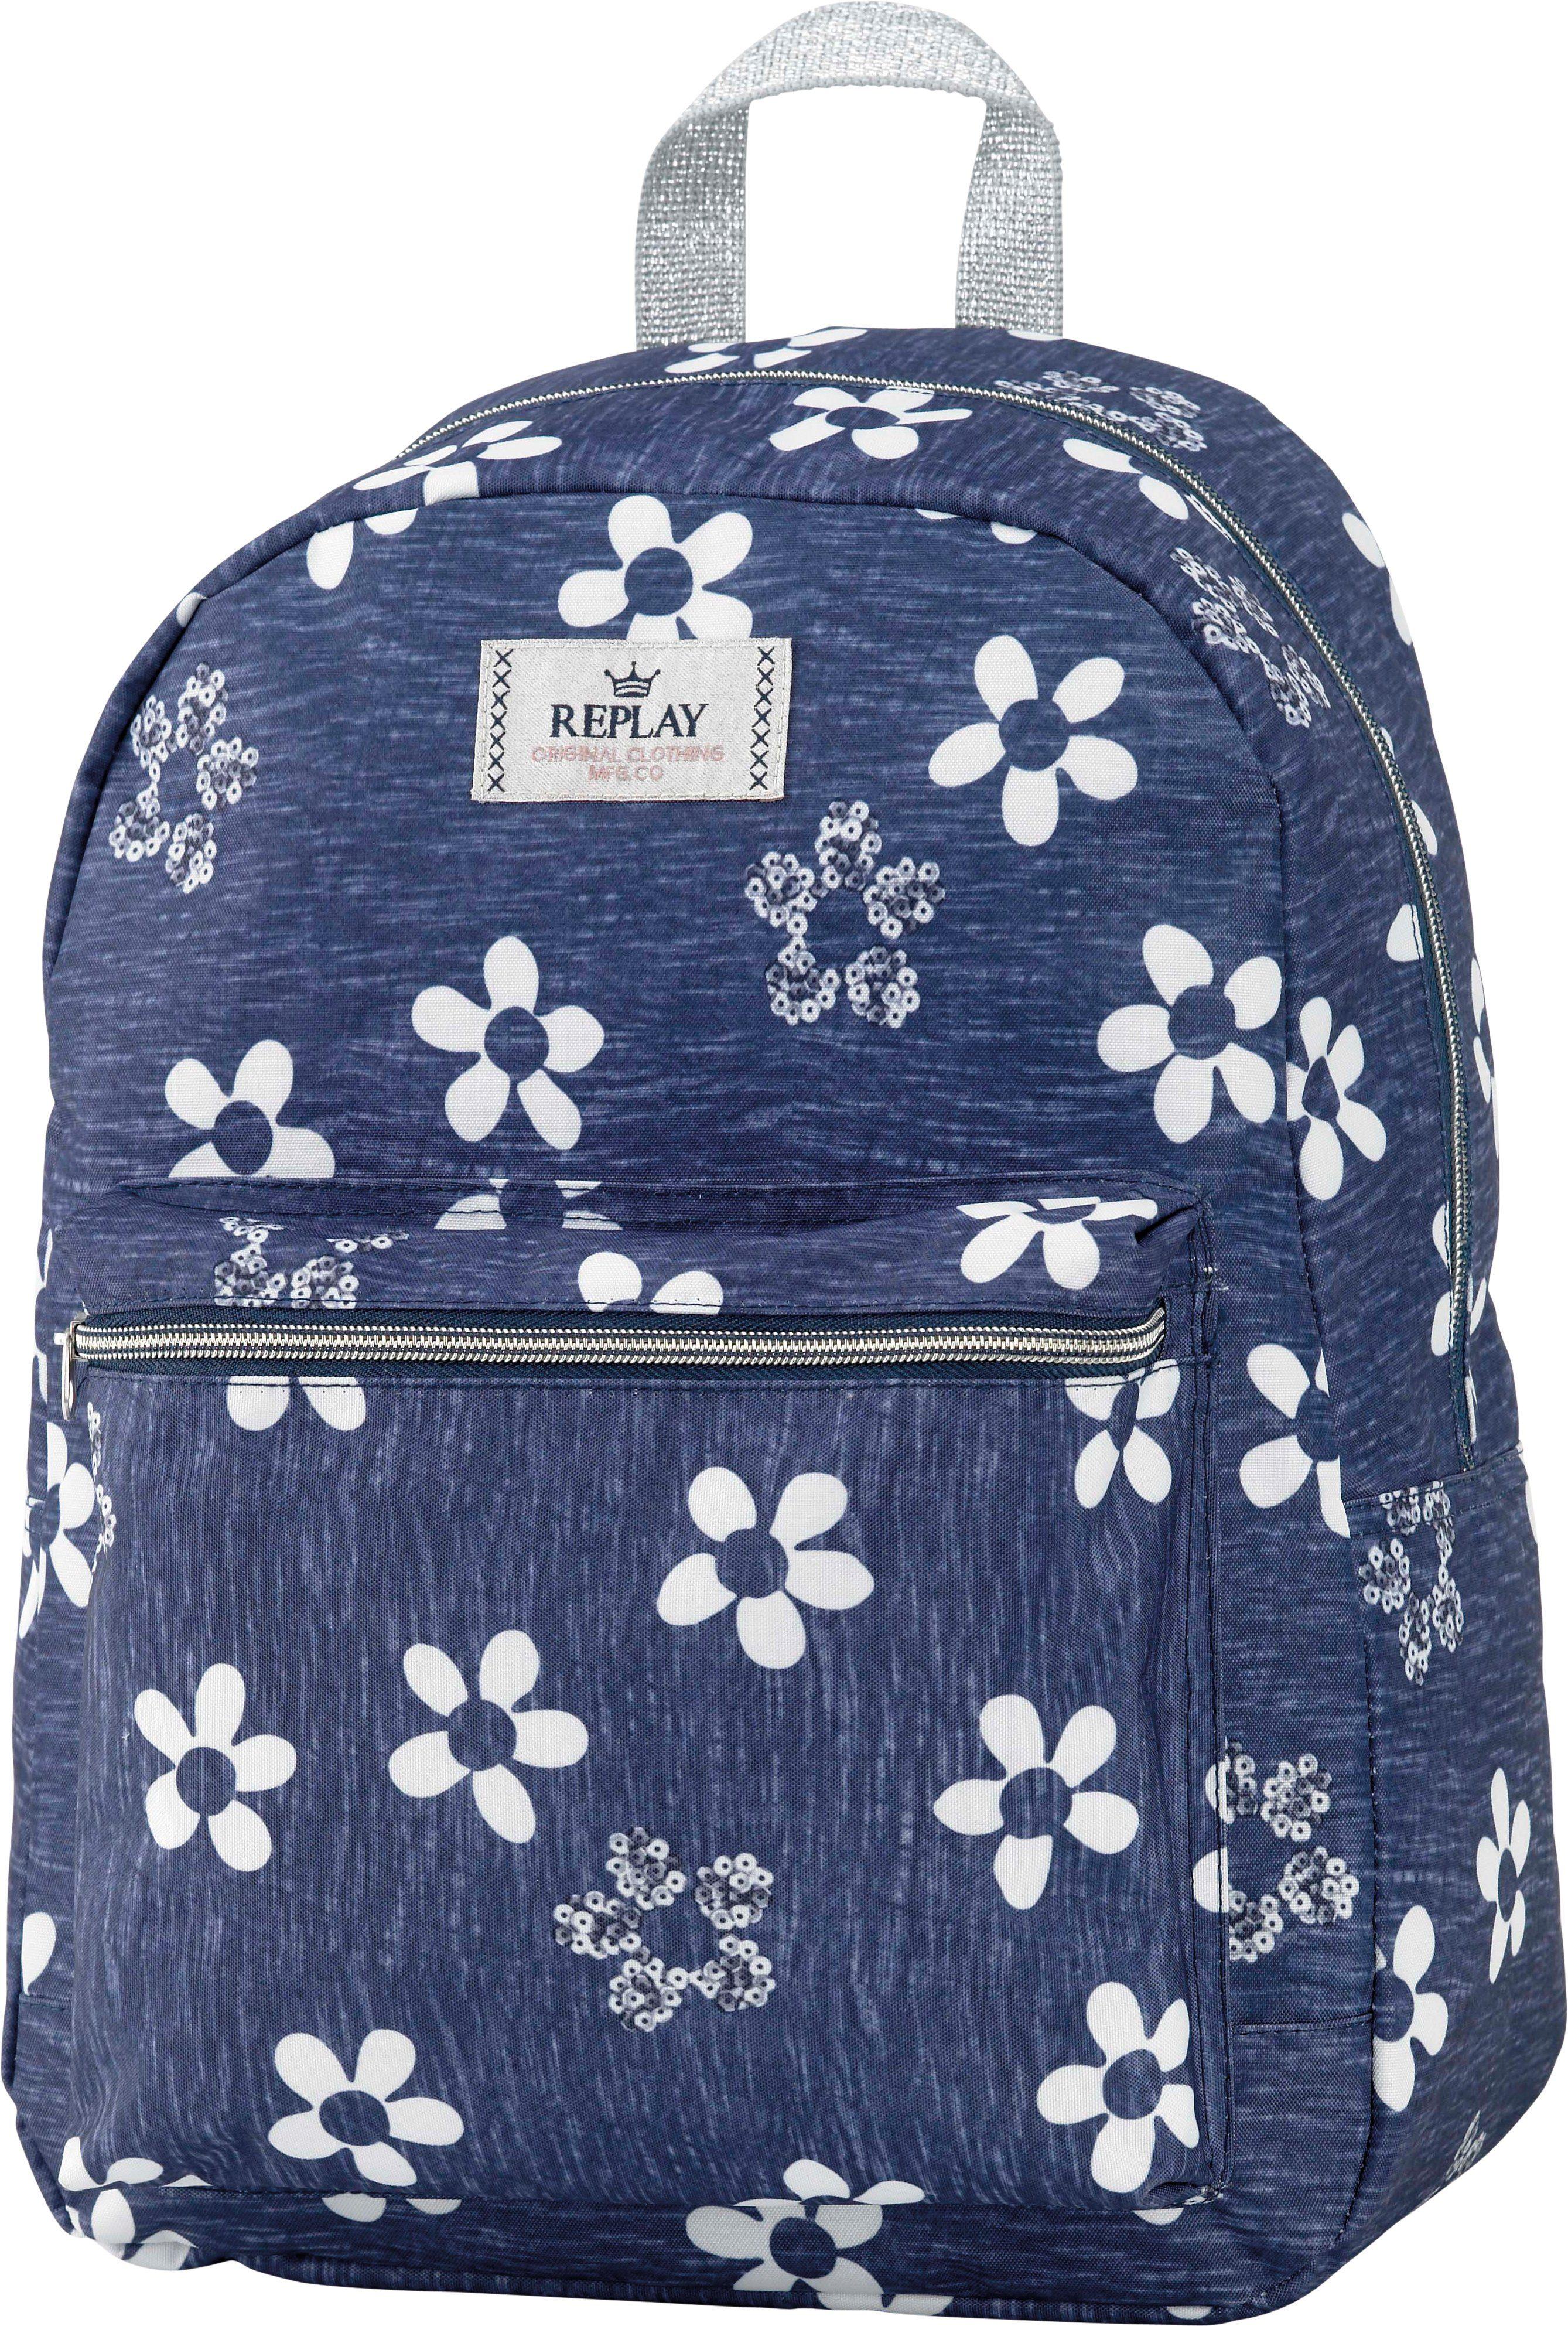 Replay, Rucksack, »Girls Backpack blau, groß, Vol. 20 Liter««